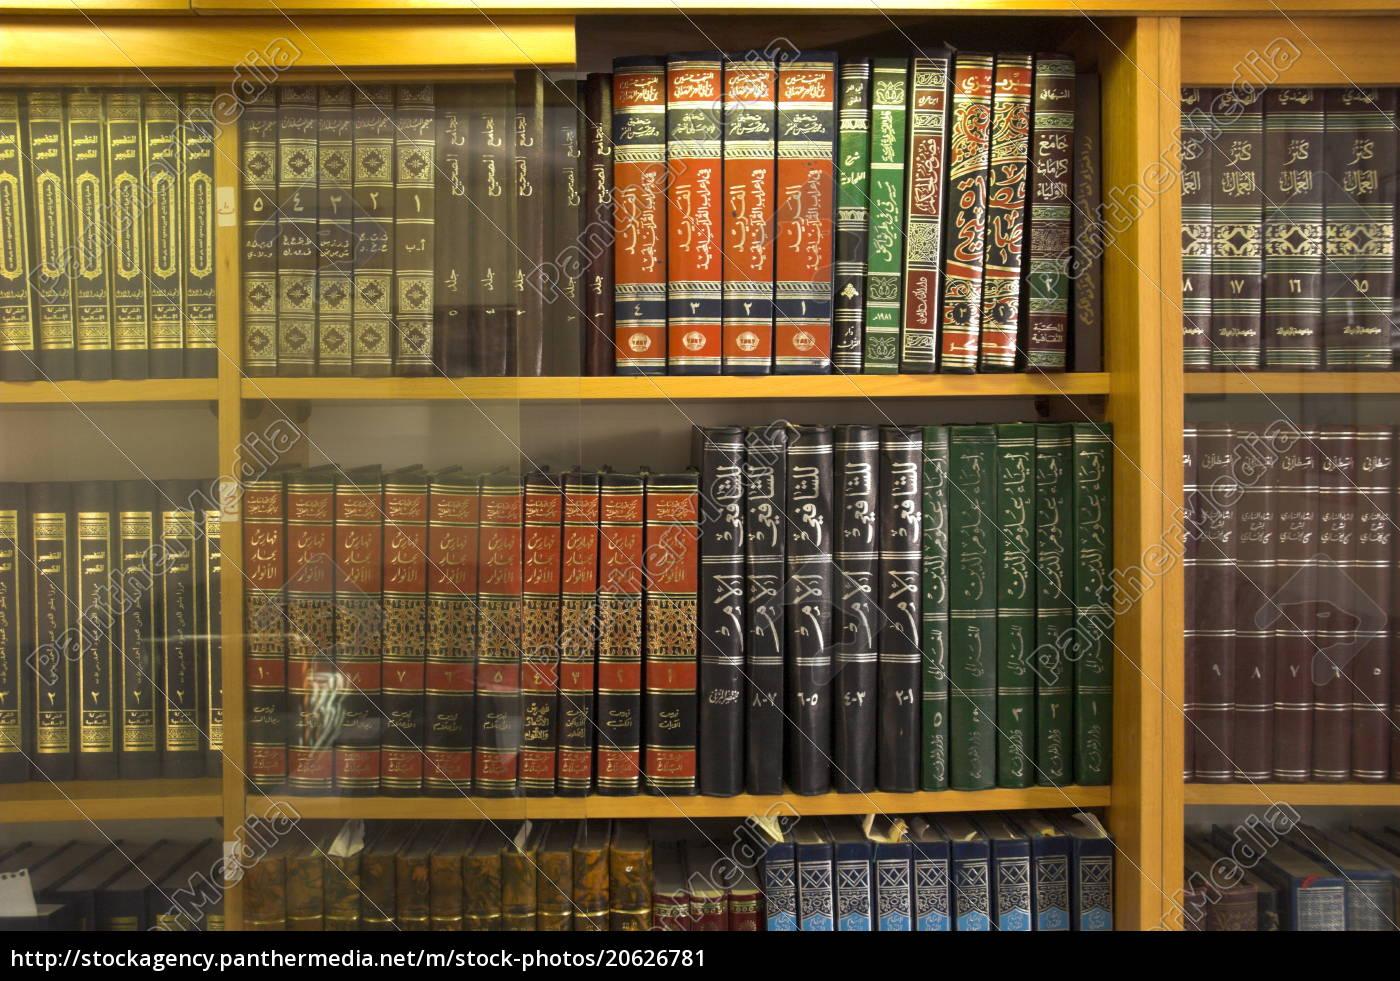 religiøse, bøger, på, arabisk, på, hylder, ahmedi - 20626781